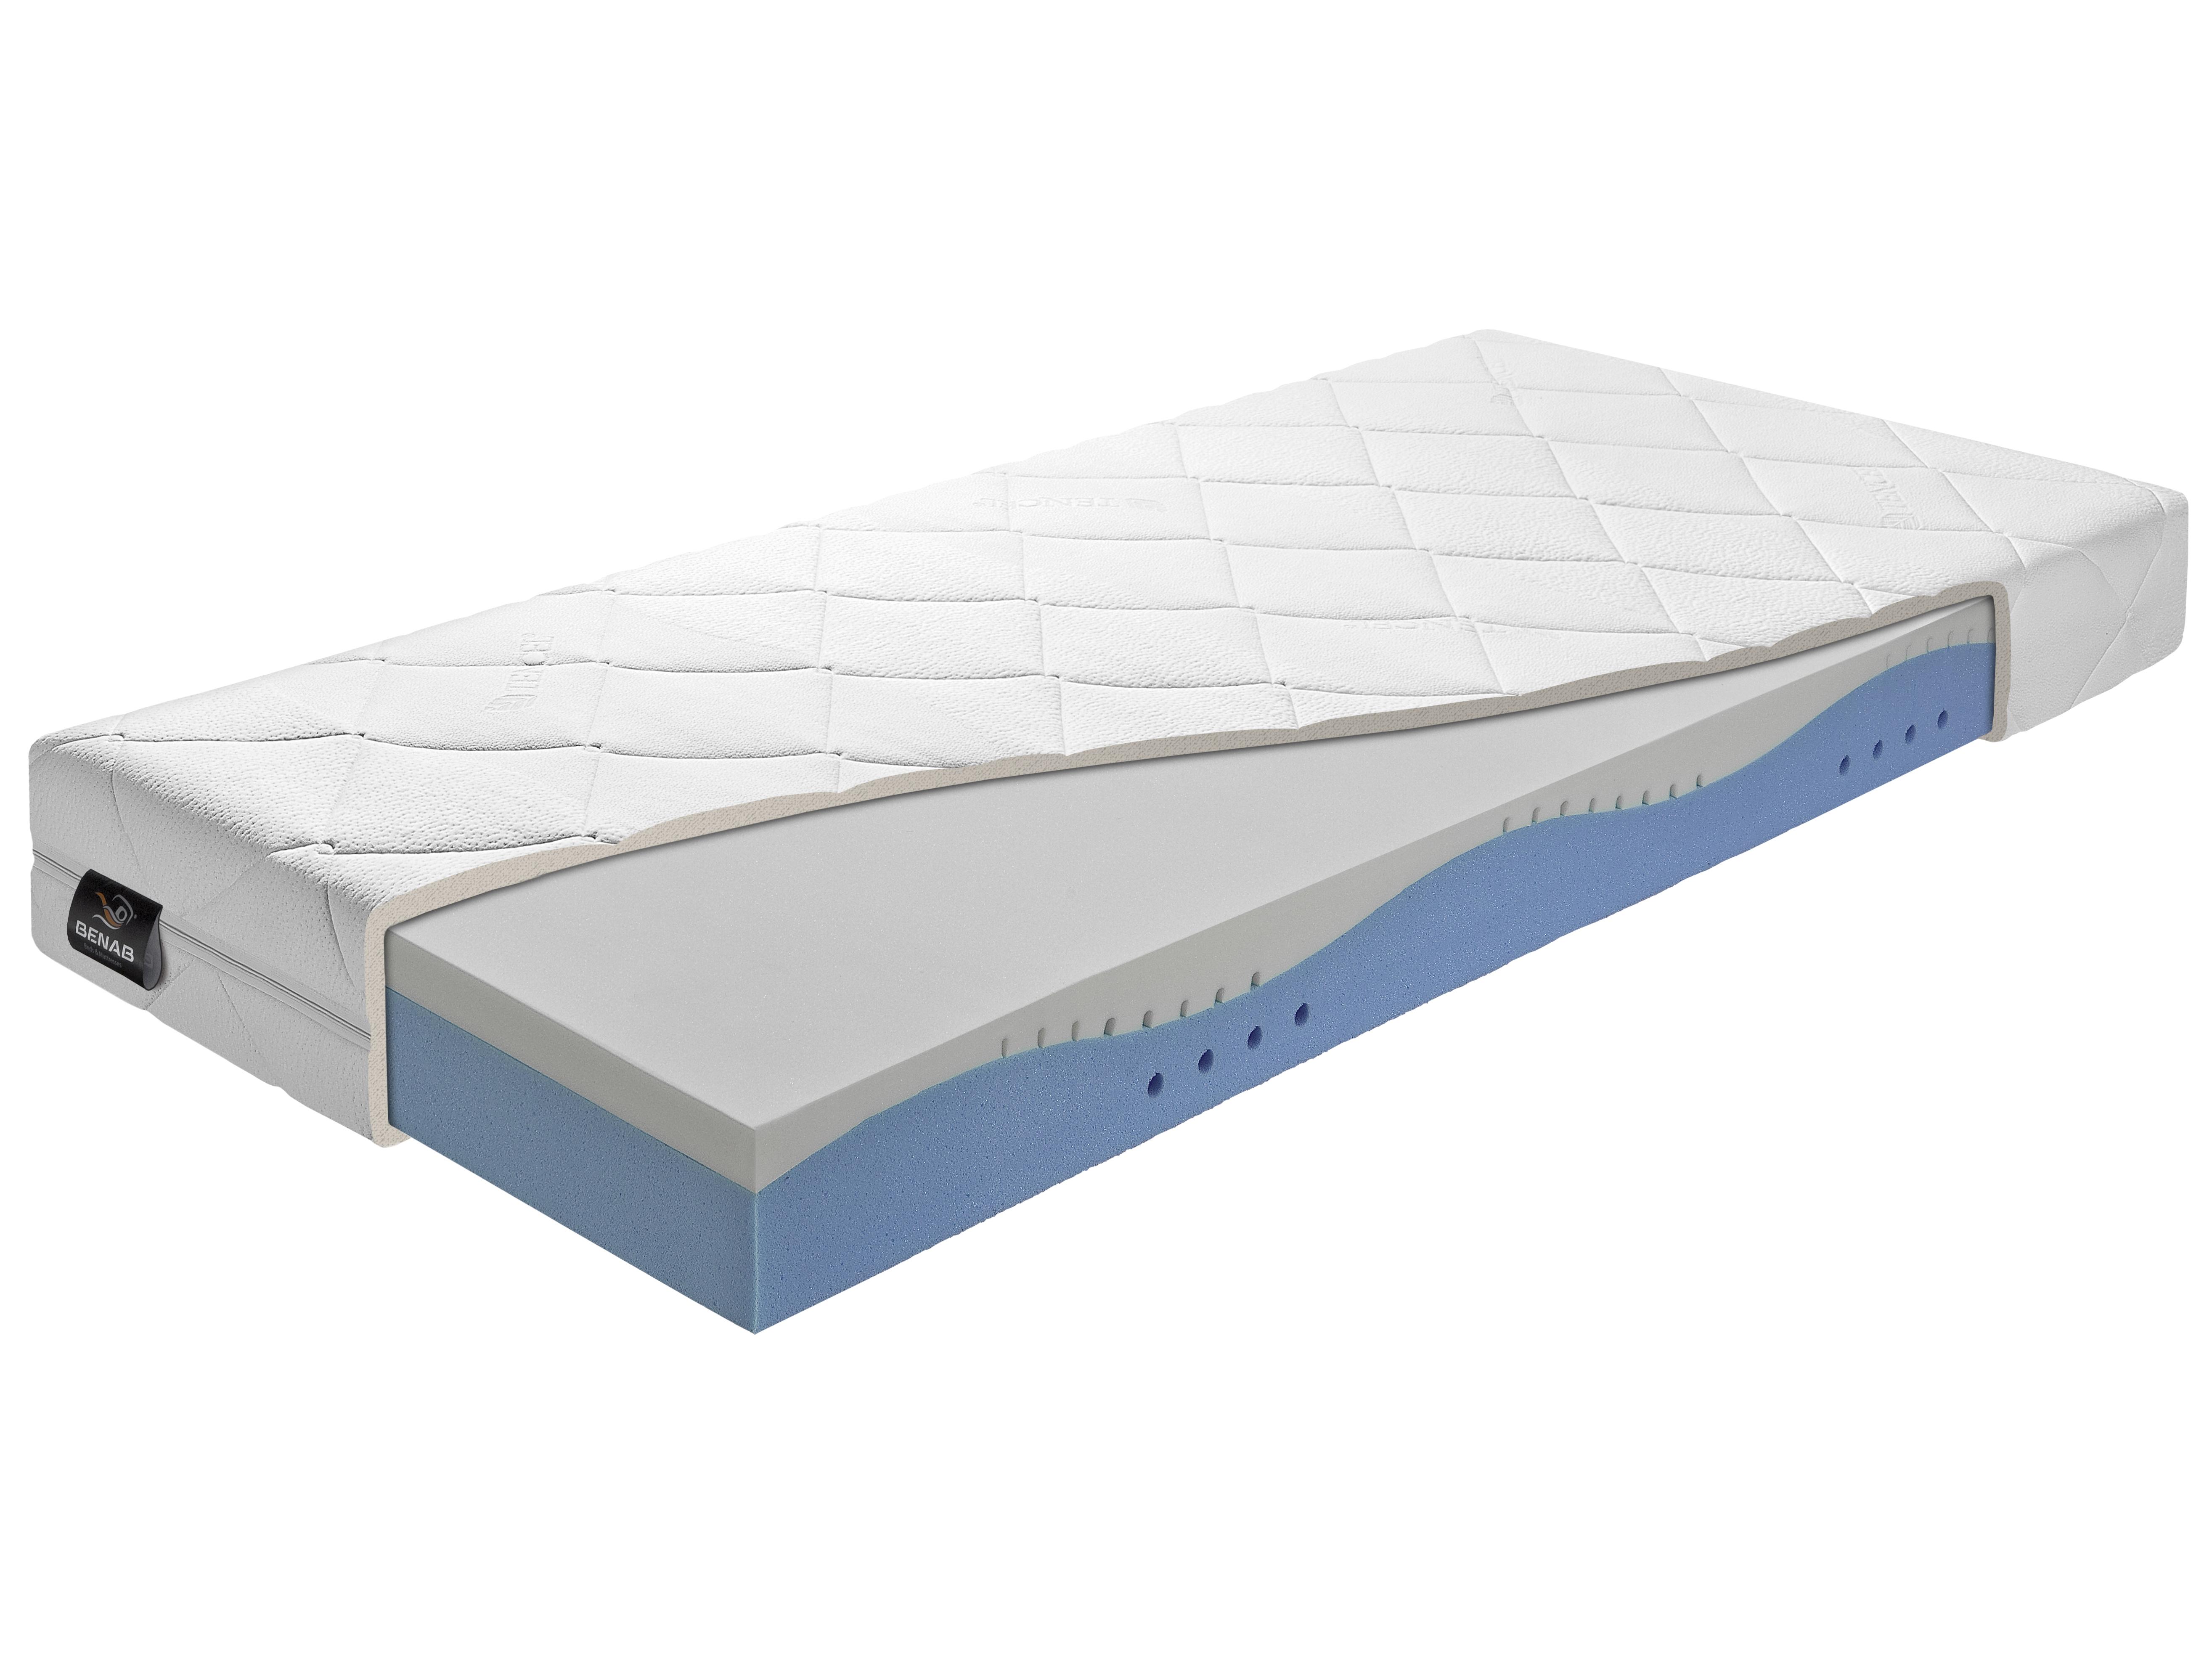 Pěnová matrace - Benab - Gold Memory Soja - 200x90 cm (T2/T3). Vzdušná, zdravotní sendvičová matrace s obsahem vysoce elastické paměťové pěny (líné pěny), pro maximálně ortopedické účinky a pohodlí, vyrobená na Slovensku.